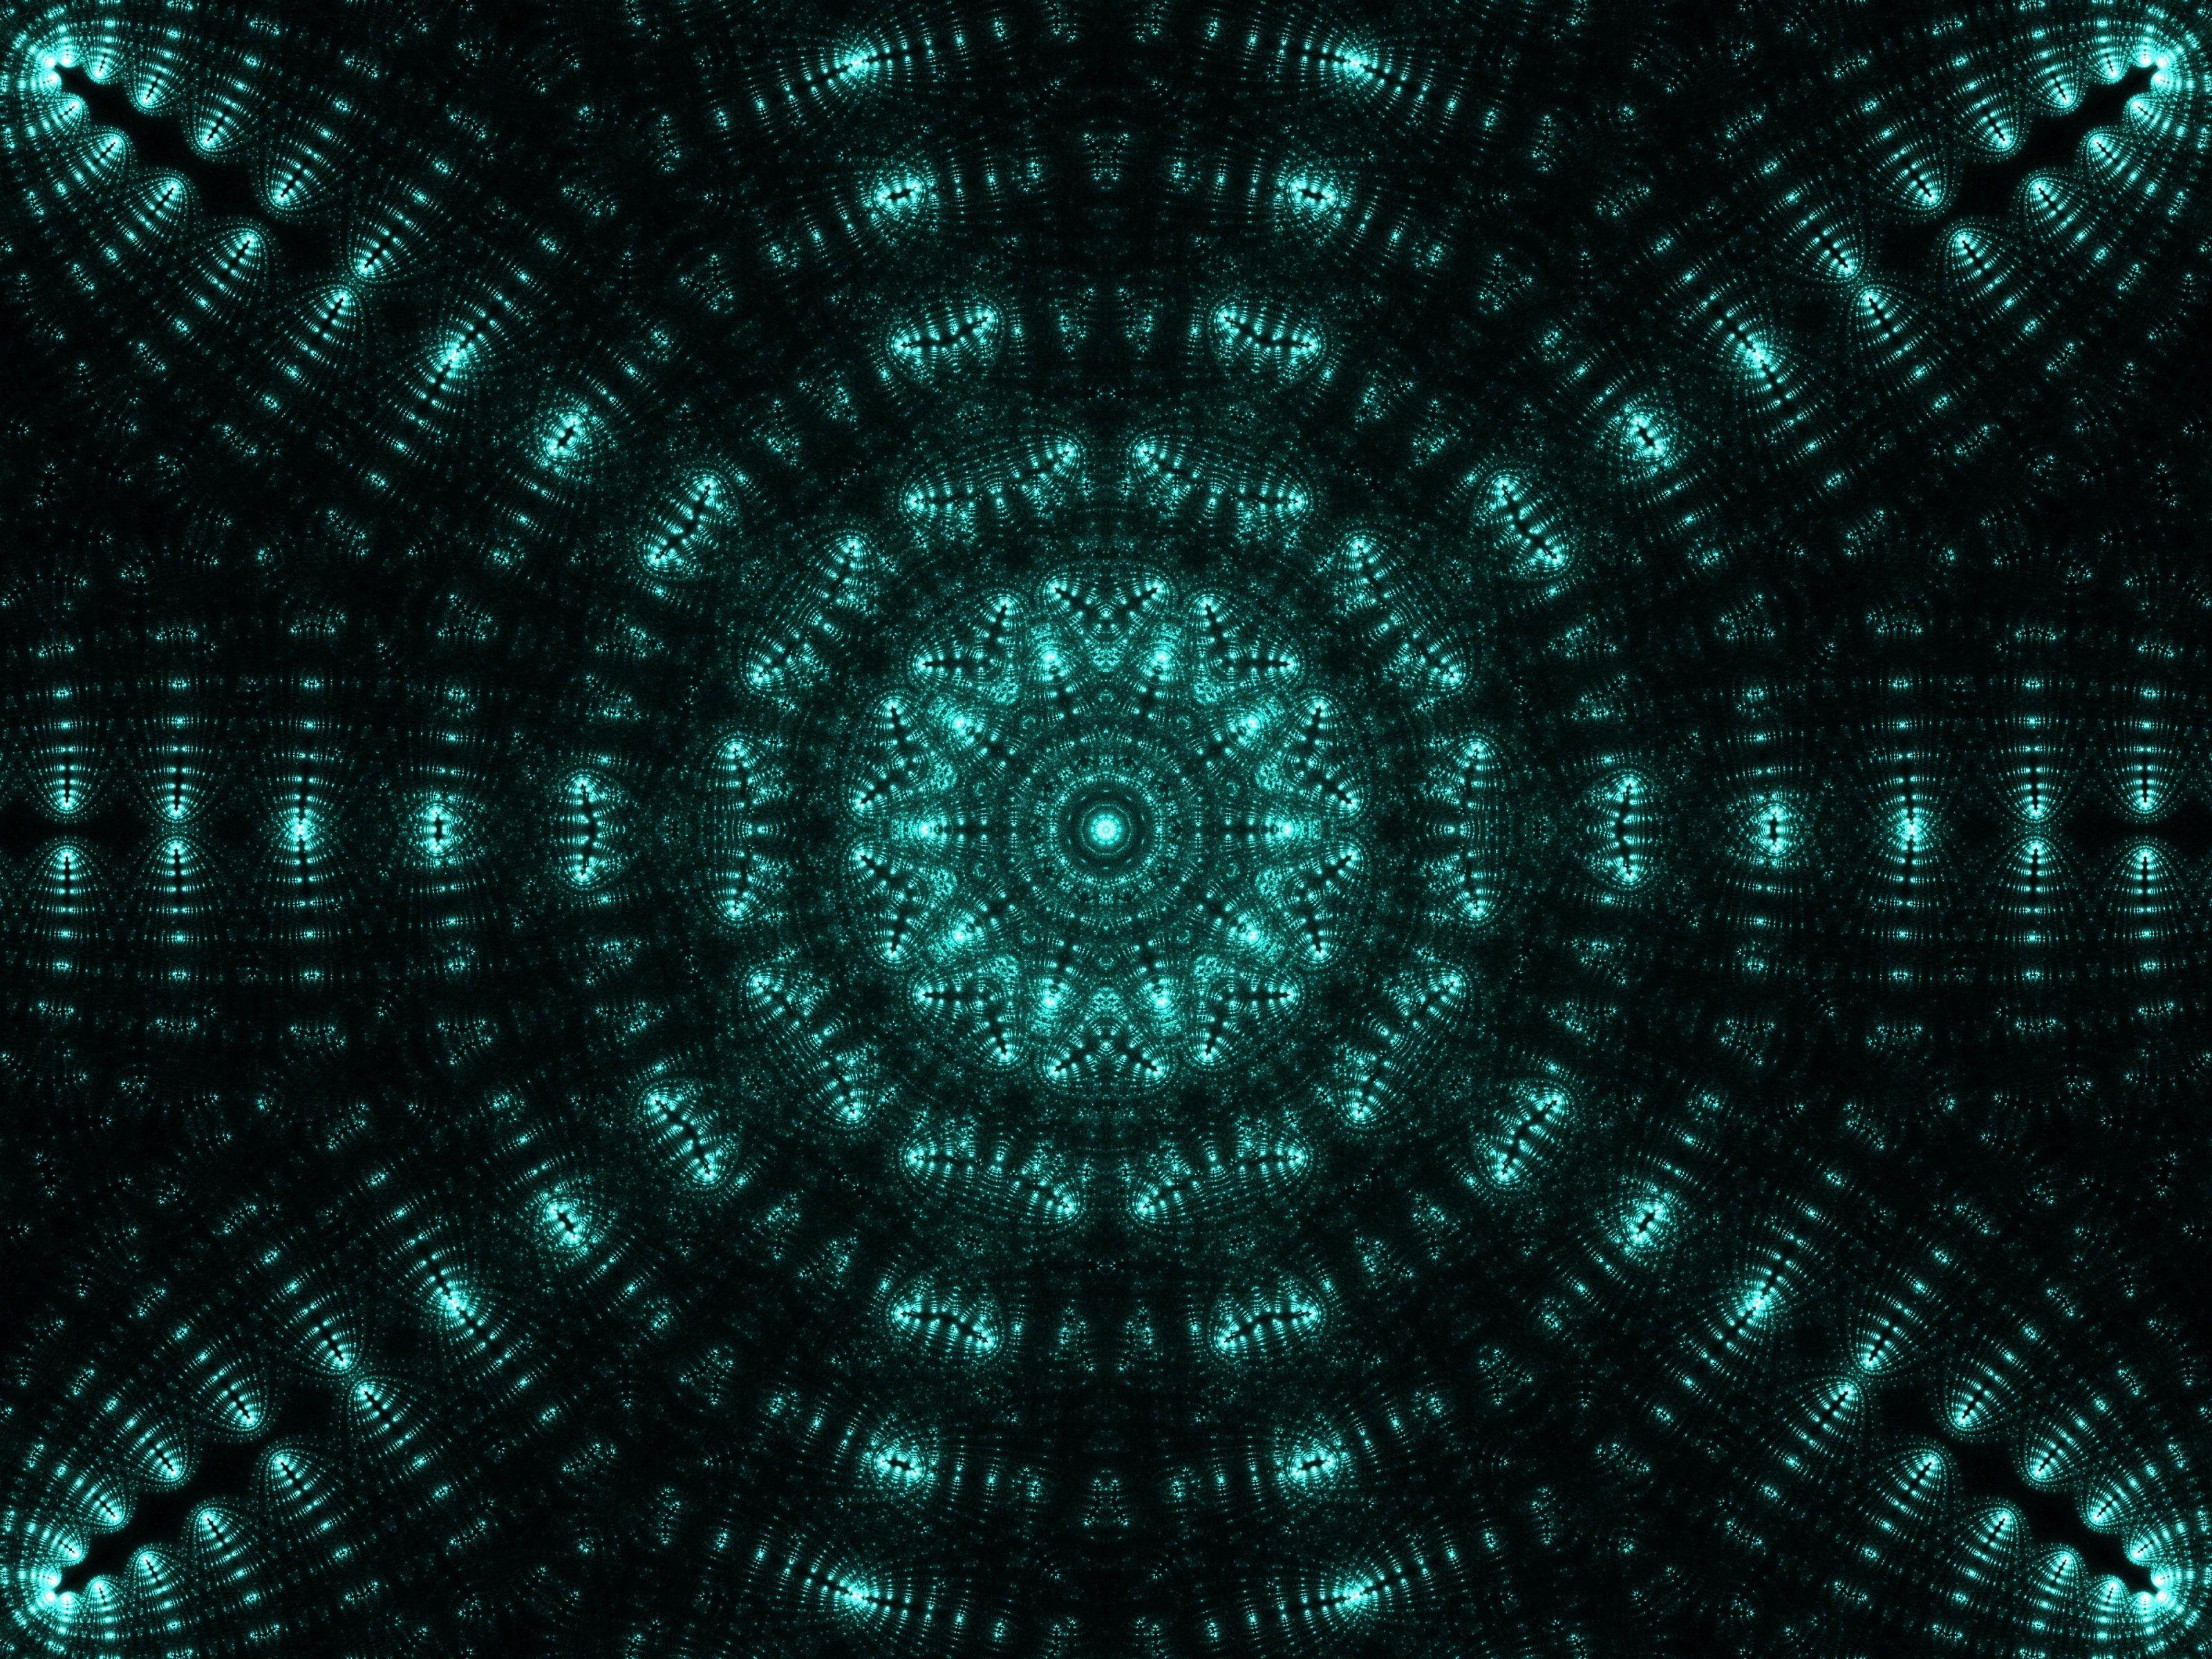 Hình nền 3200x2400 Fractal, Mandala, mẫu, Phát sáng, Trừu tượng HD